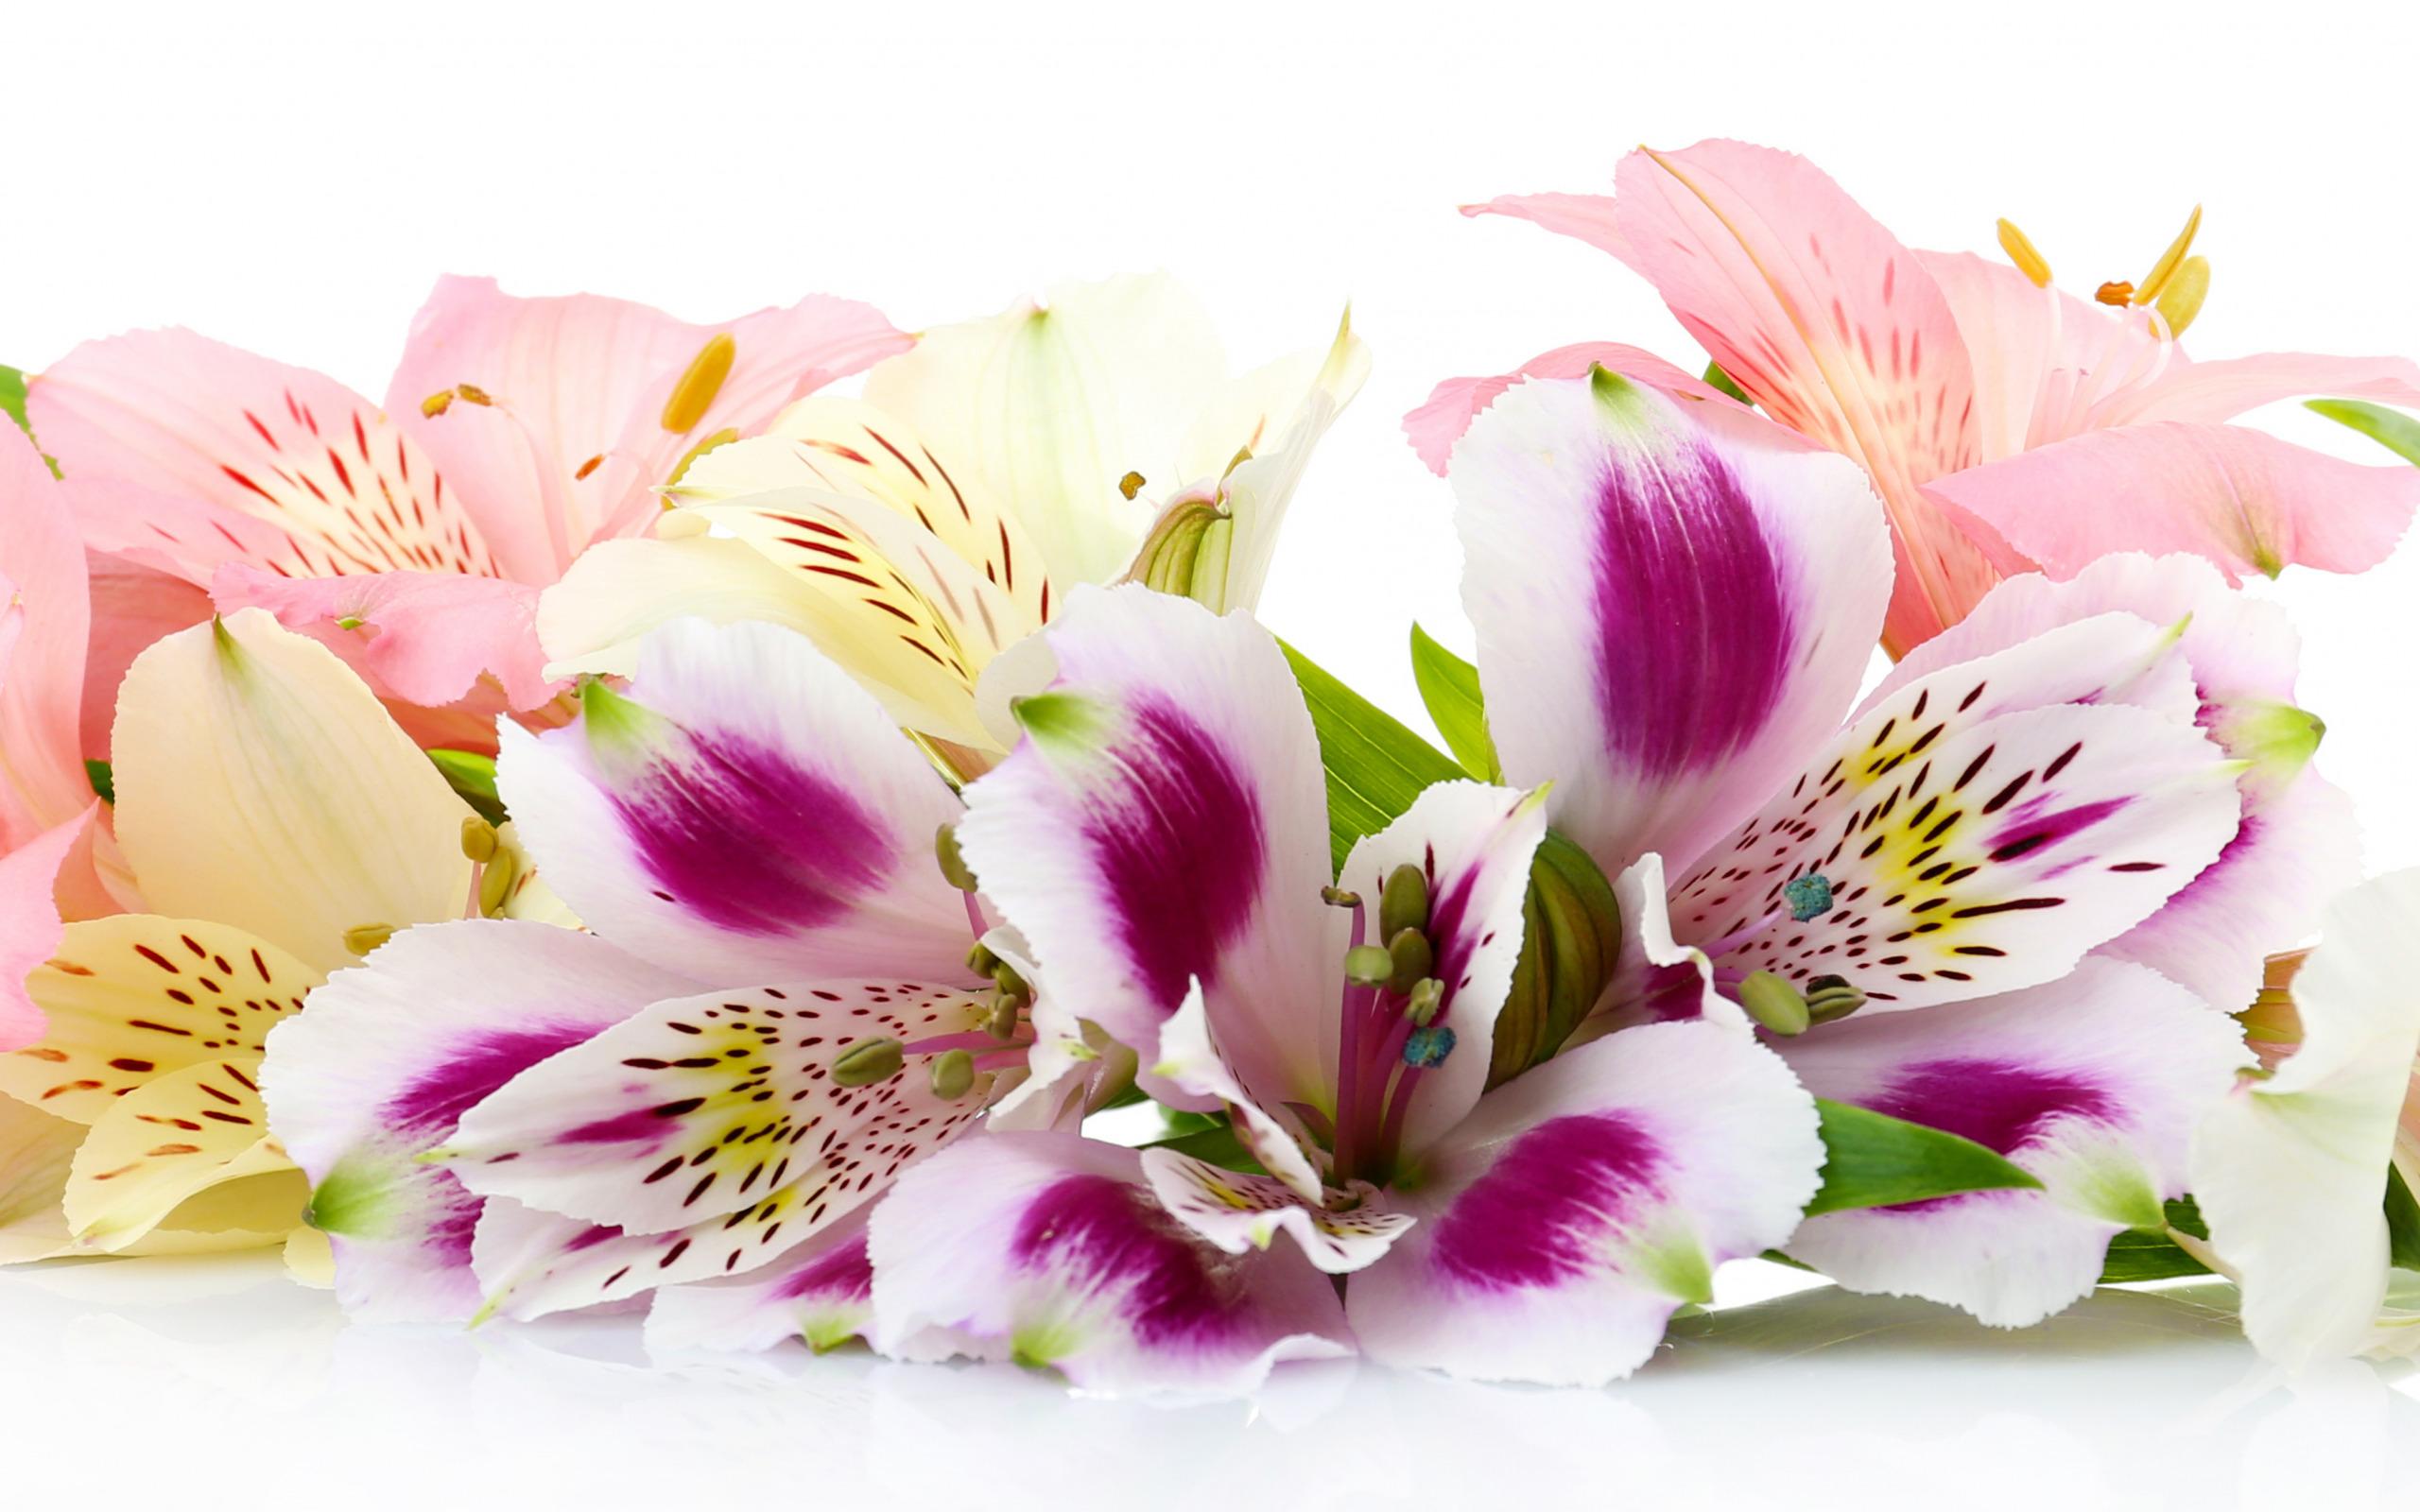 Фото цветов на белом фоне в высоком разрешении